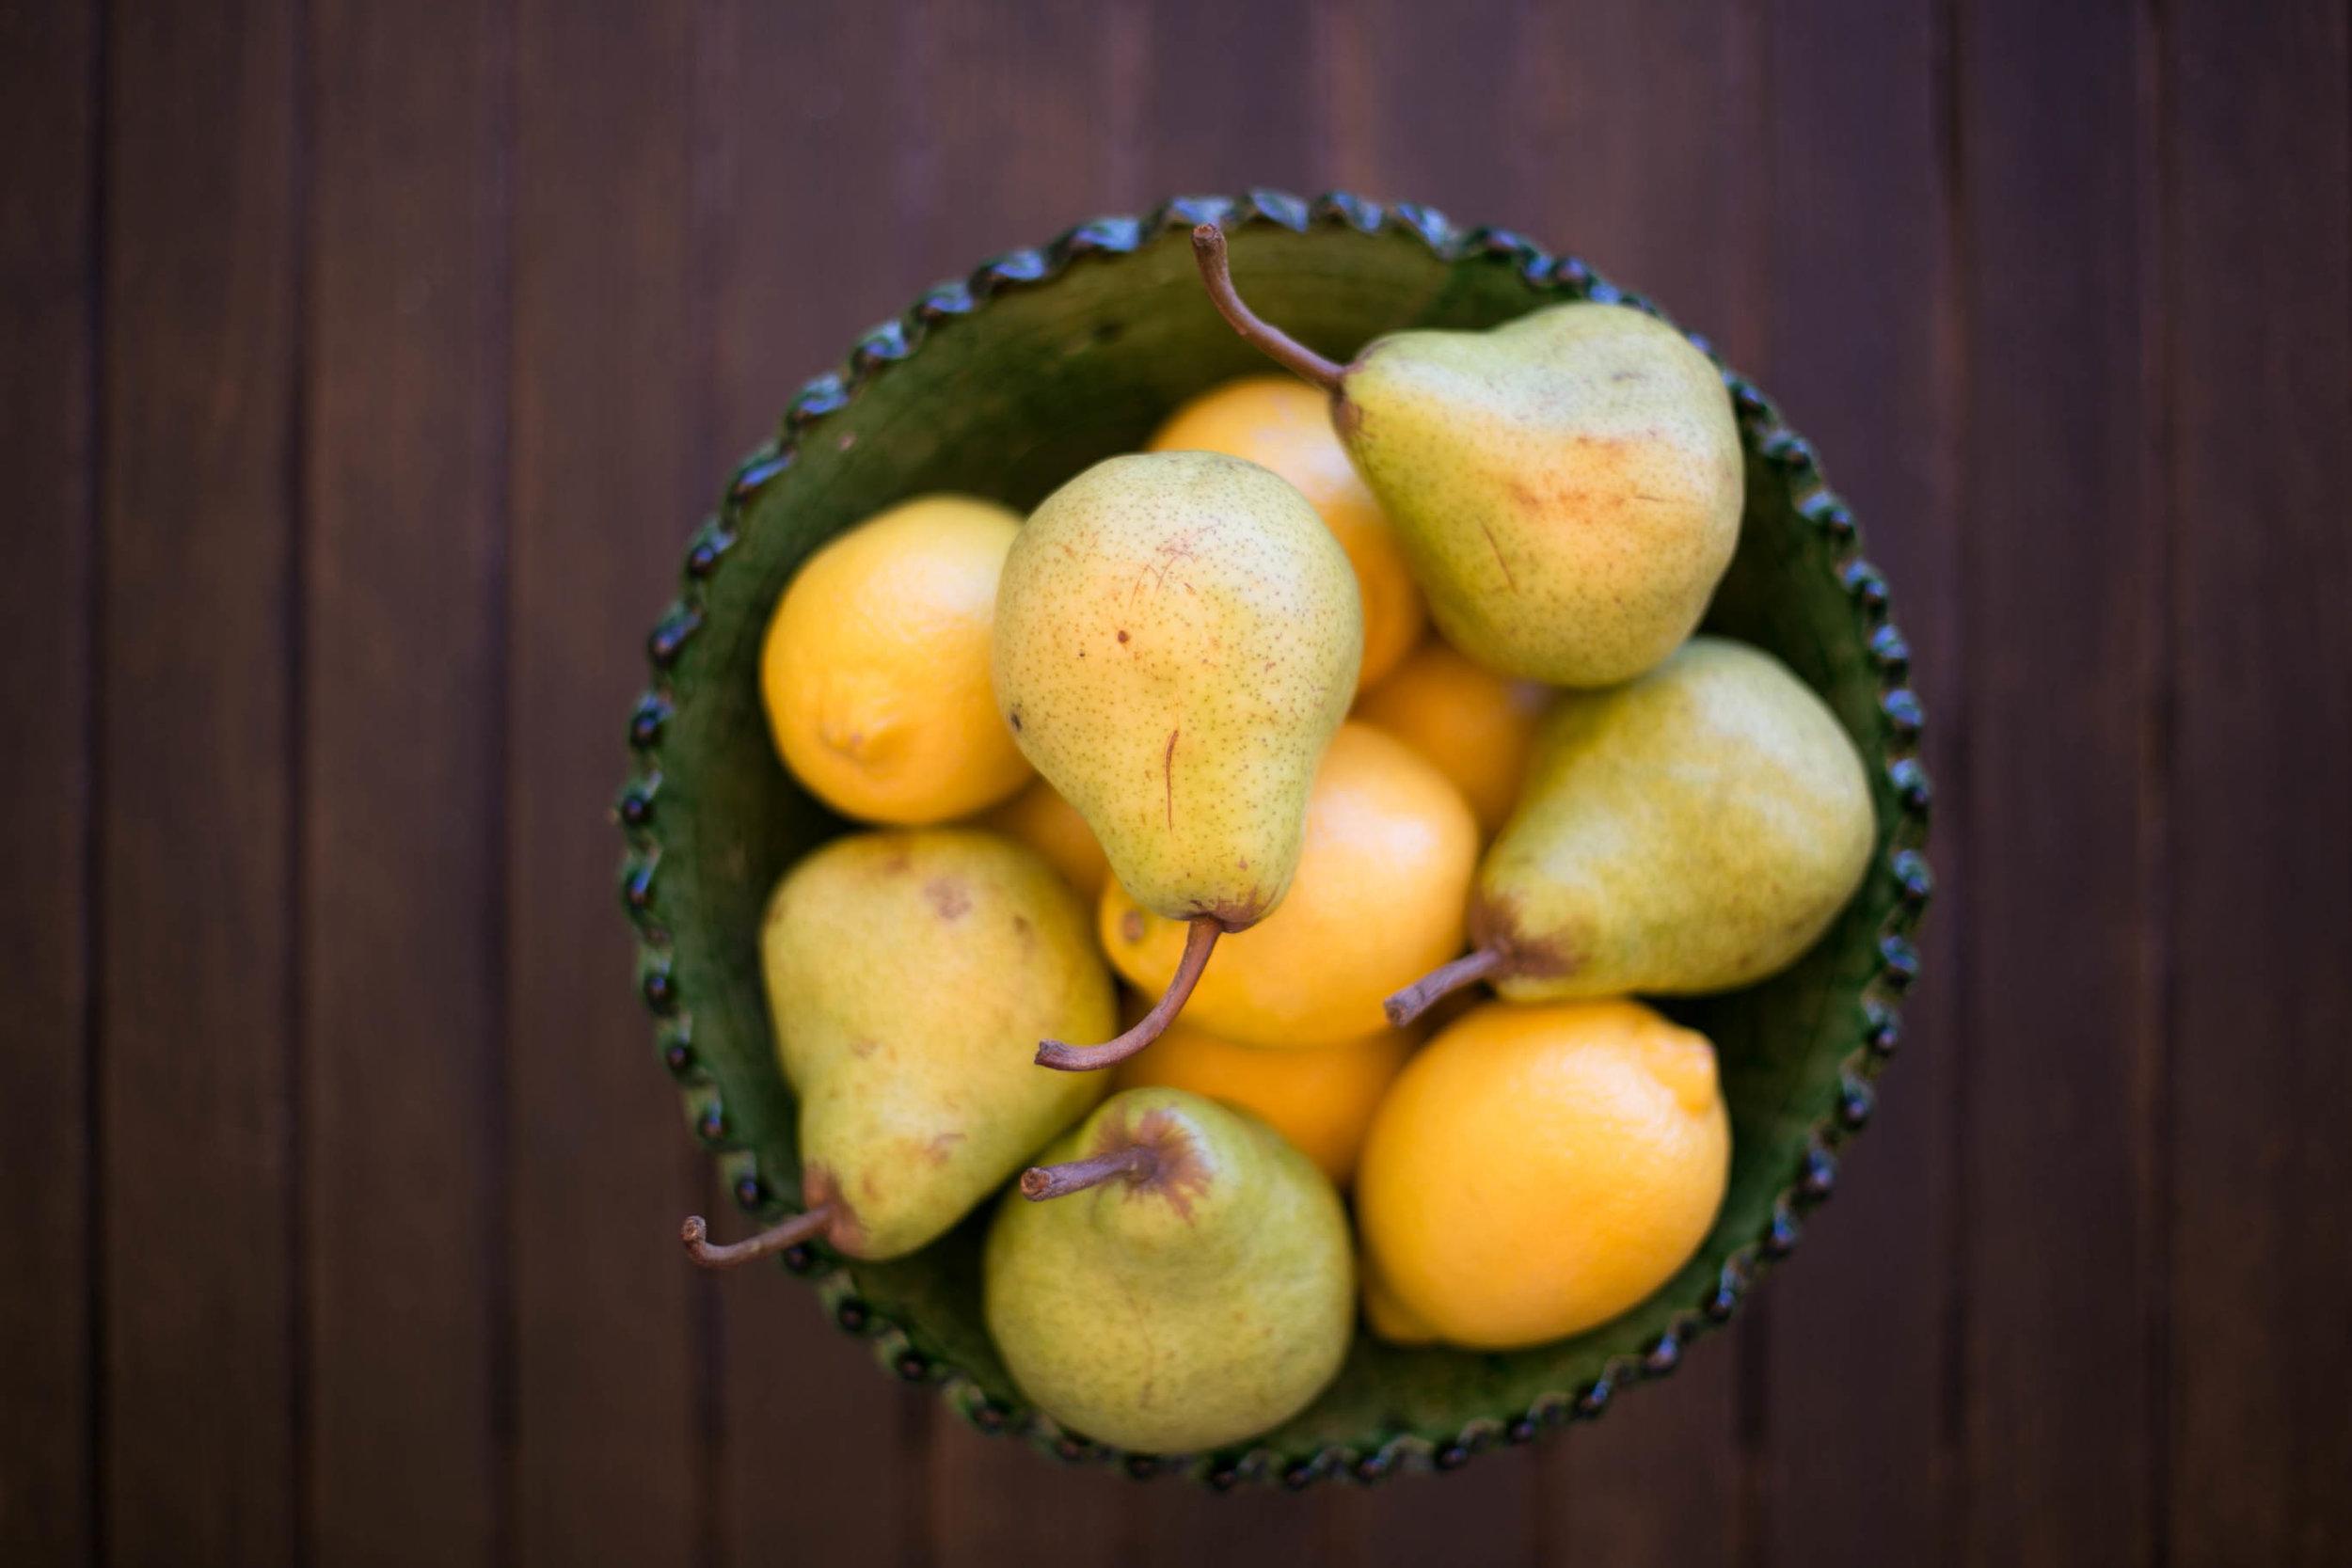 pear-lemon-1.jpg